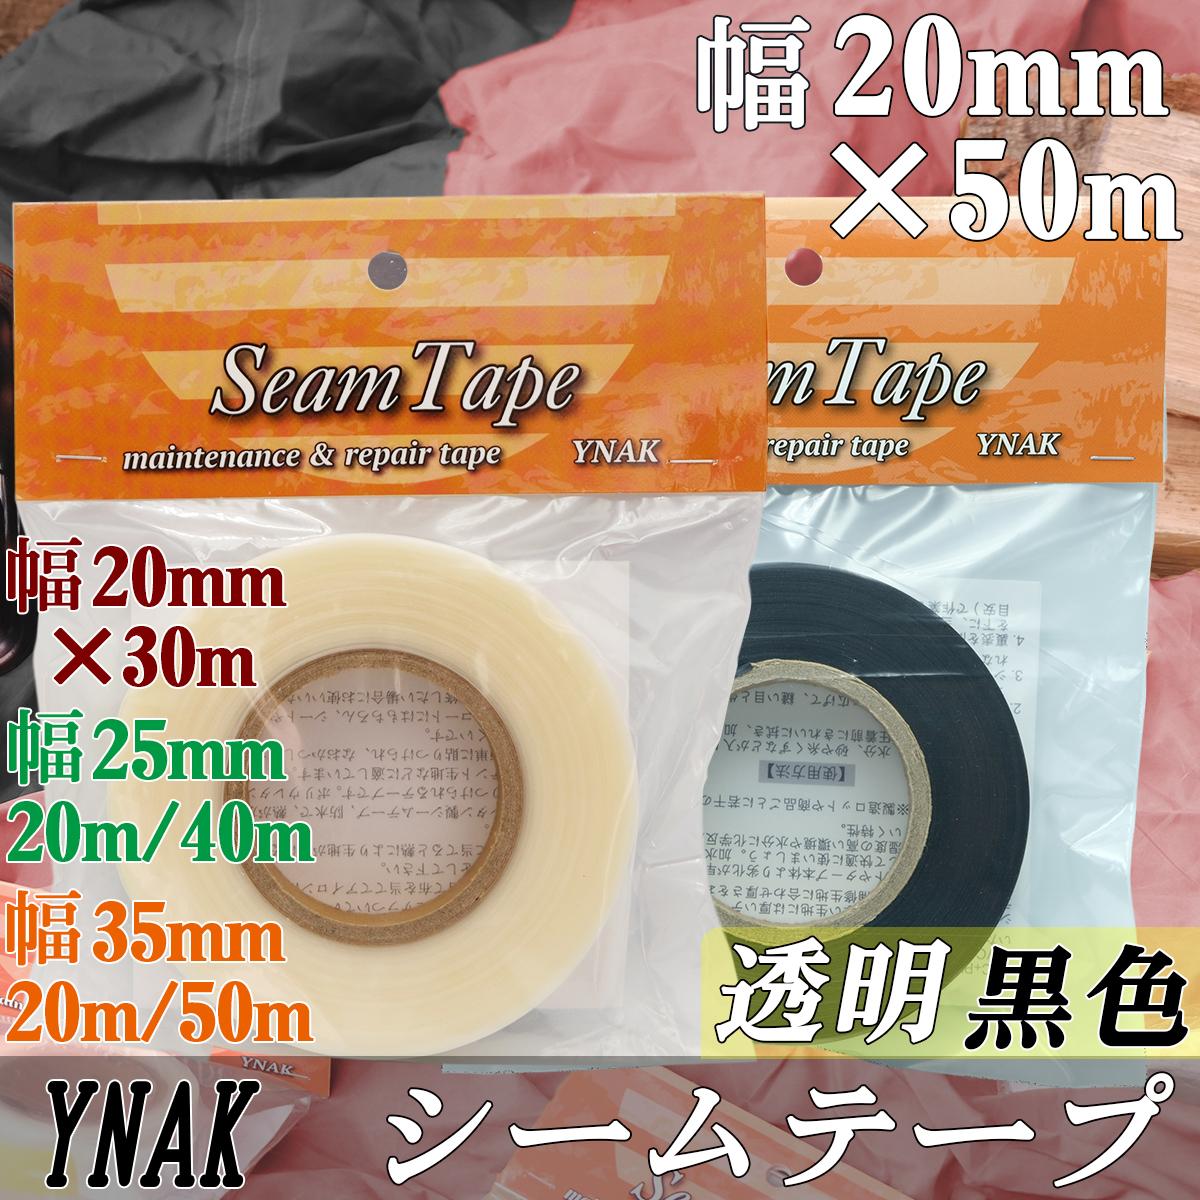 シームテープ テント ザック タープ シート レインウェア 補修 メンテナンス 用 強力 アイロン式 説明書付き 幅20mm×50m YNAK